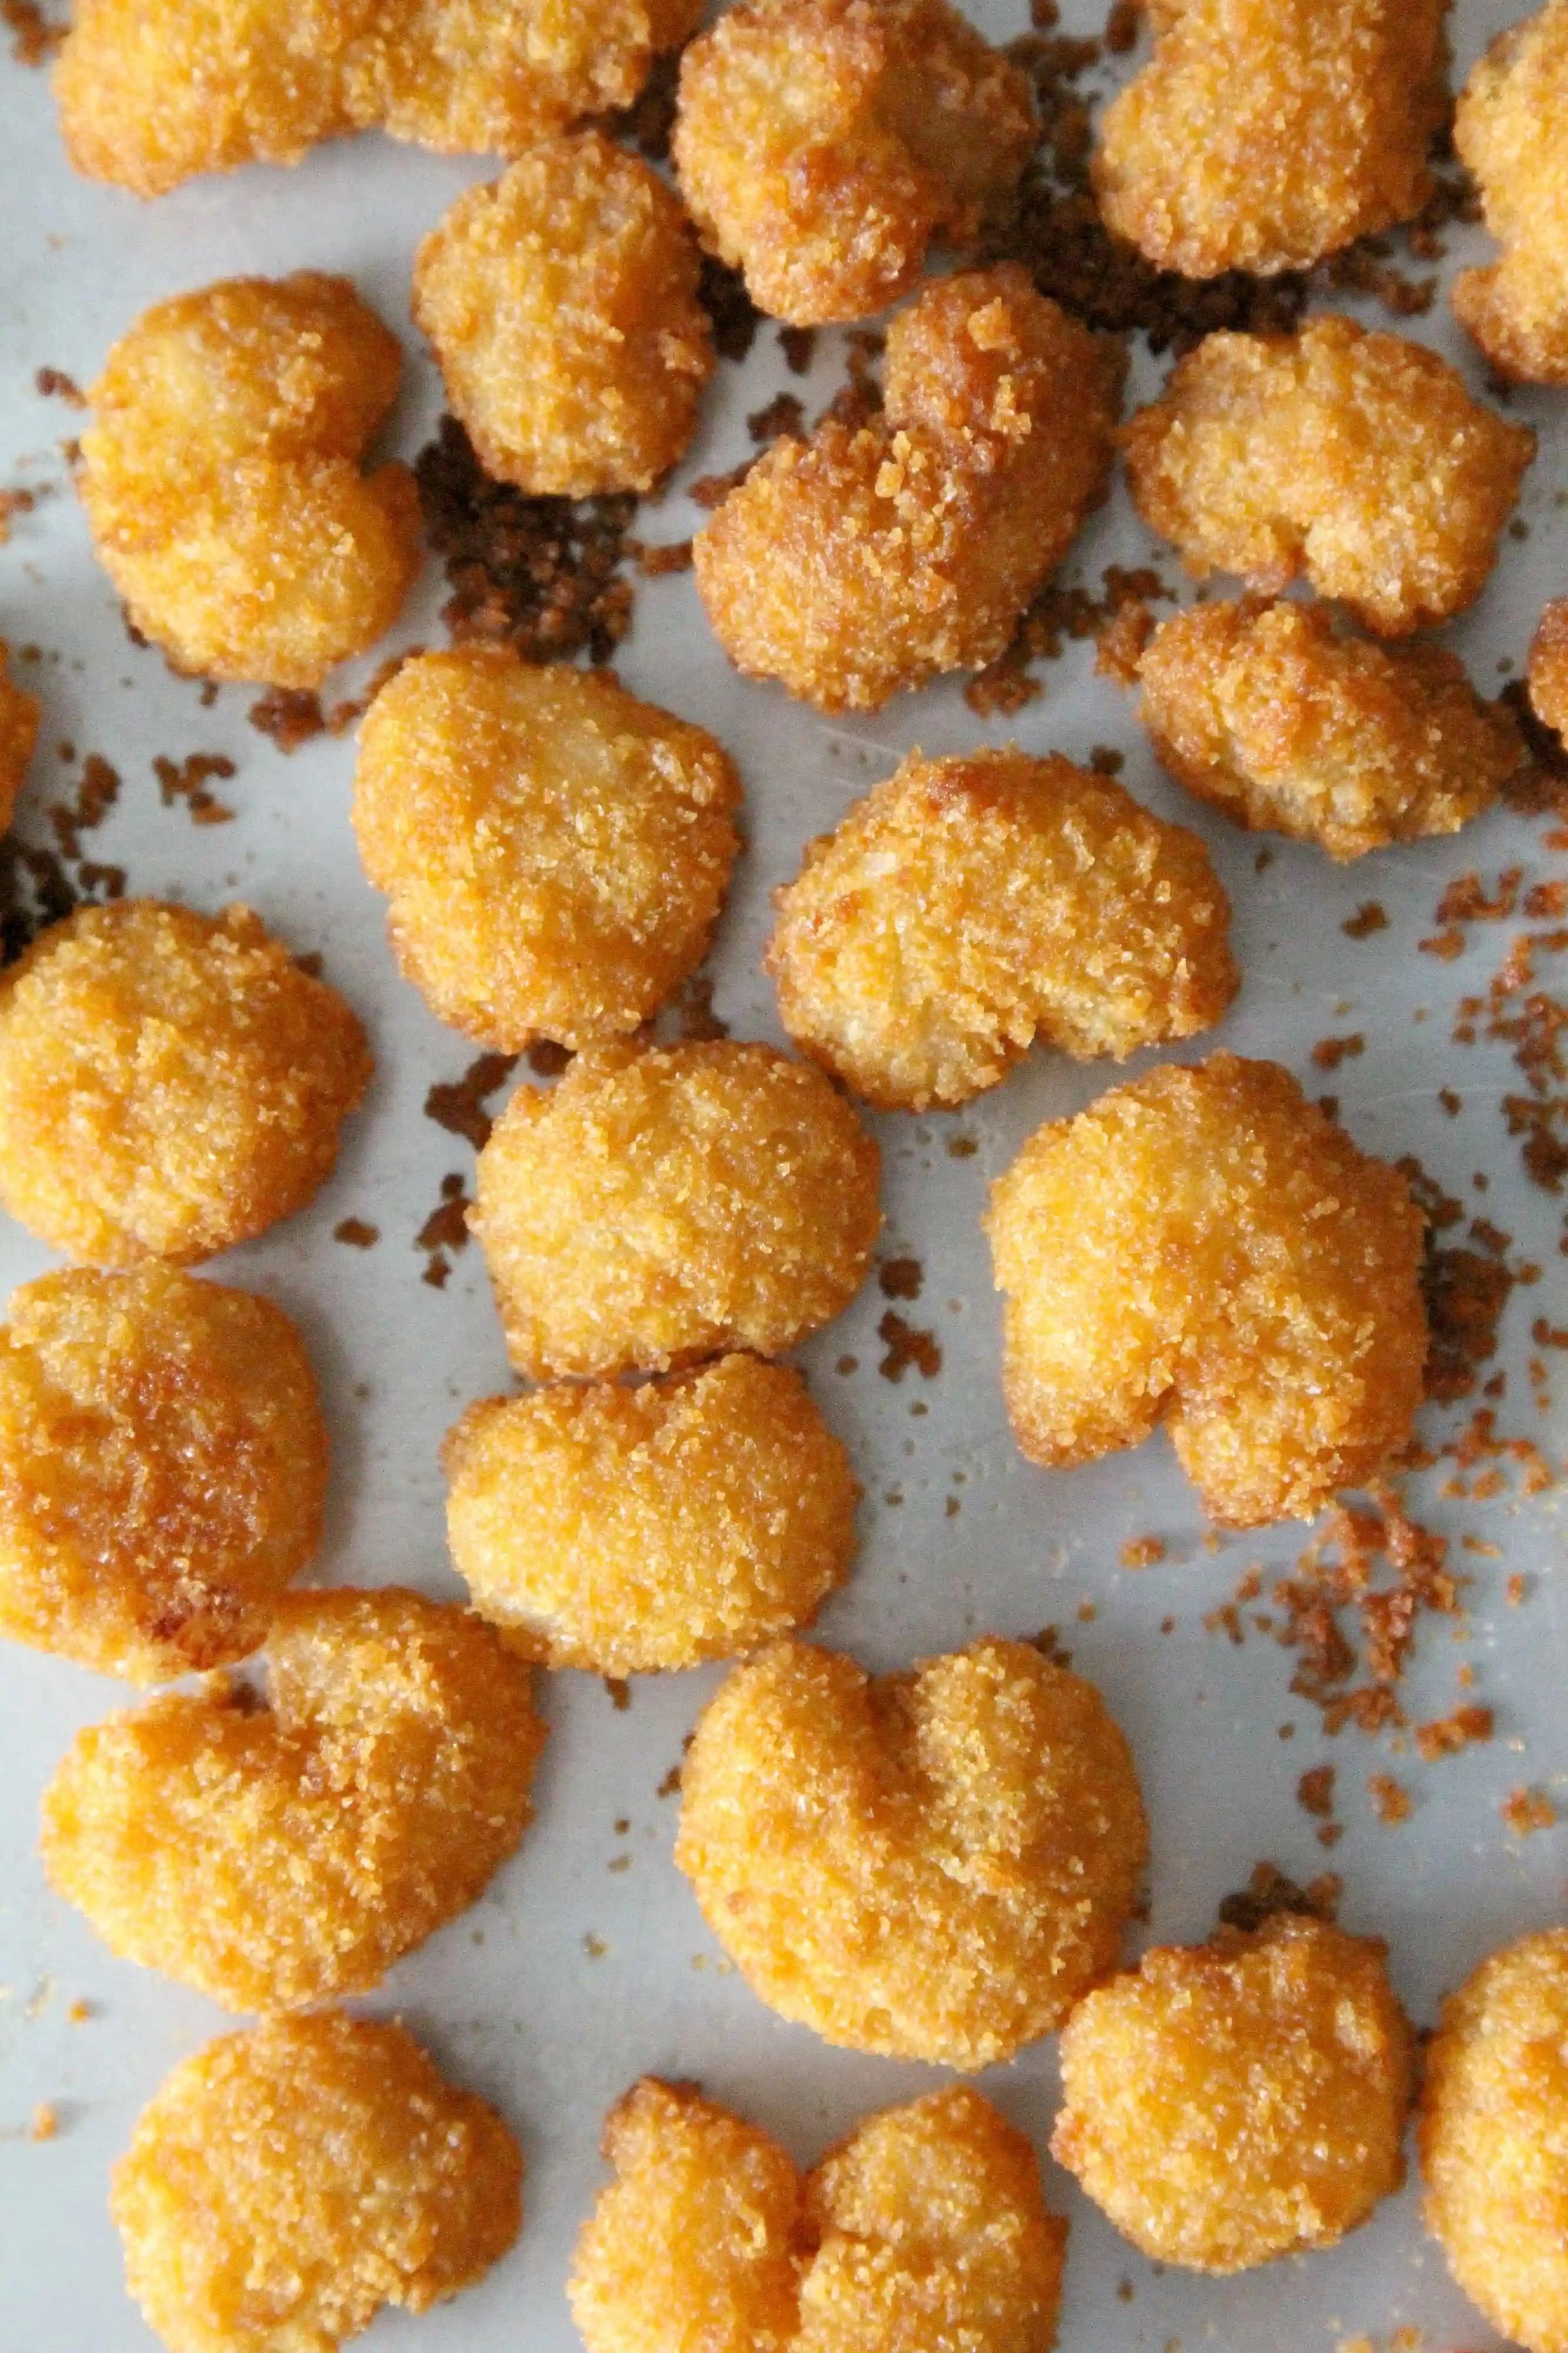 Easy Honey Walnut Popcorn Shrimp Recipe with an easy sauce and baked popcorn shrimp - SnappyGourmet.com